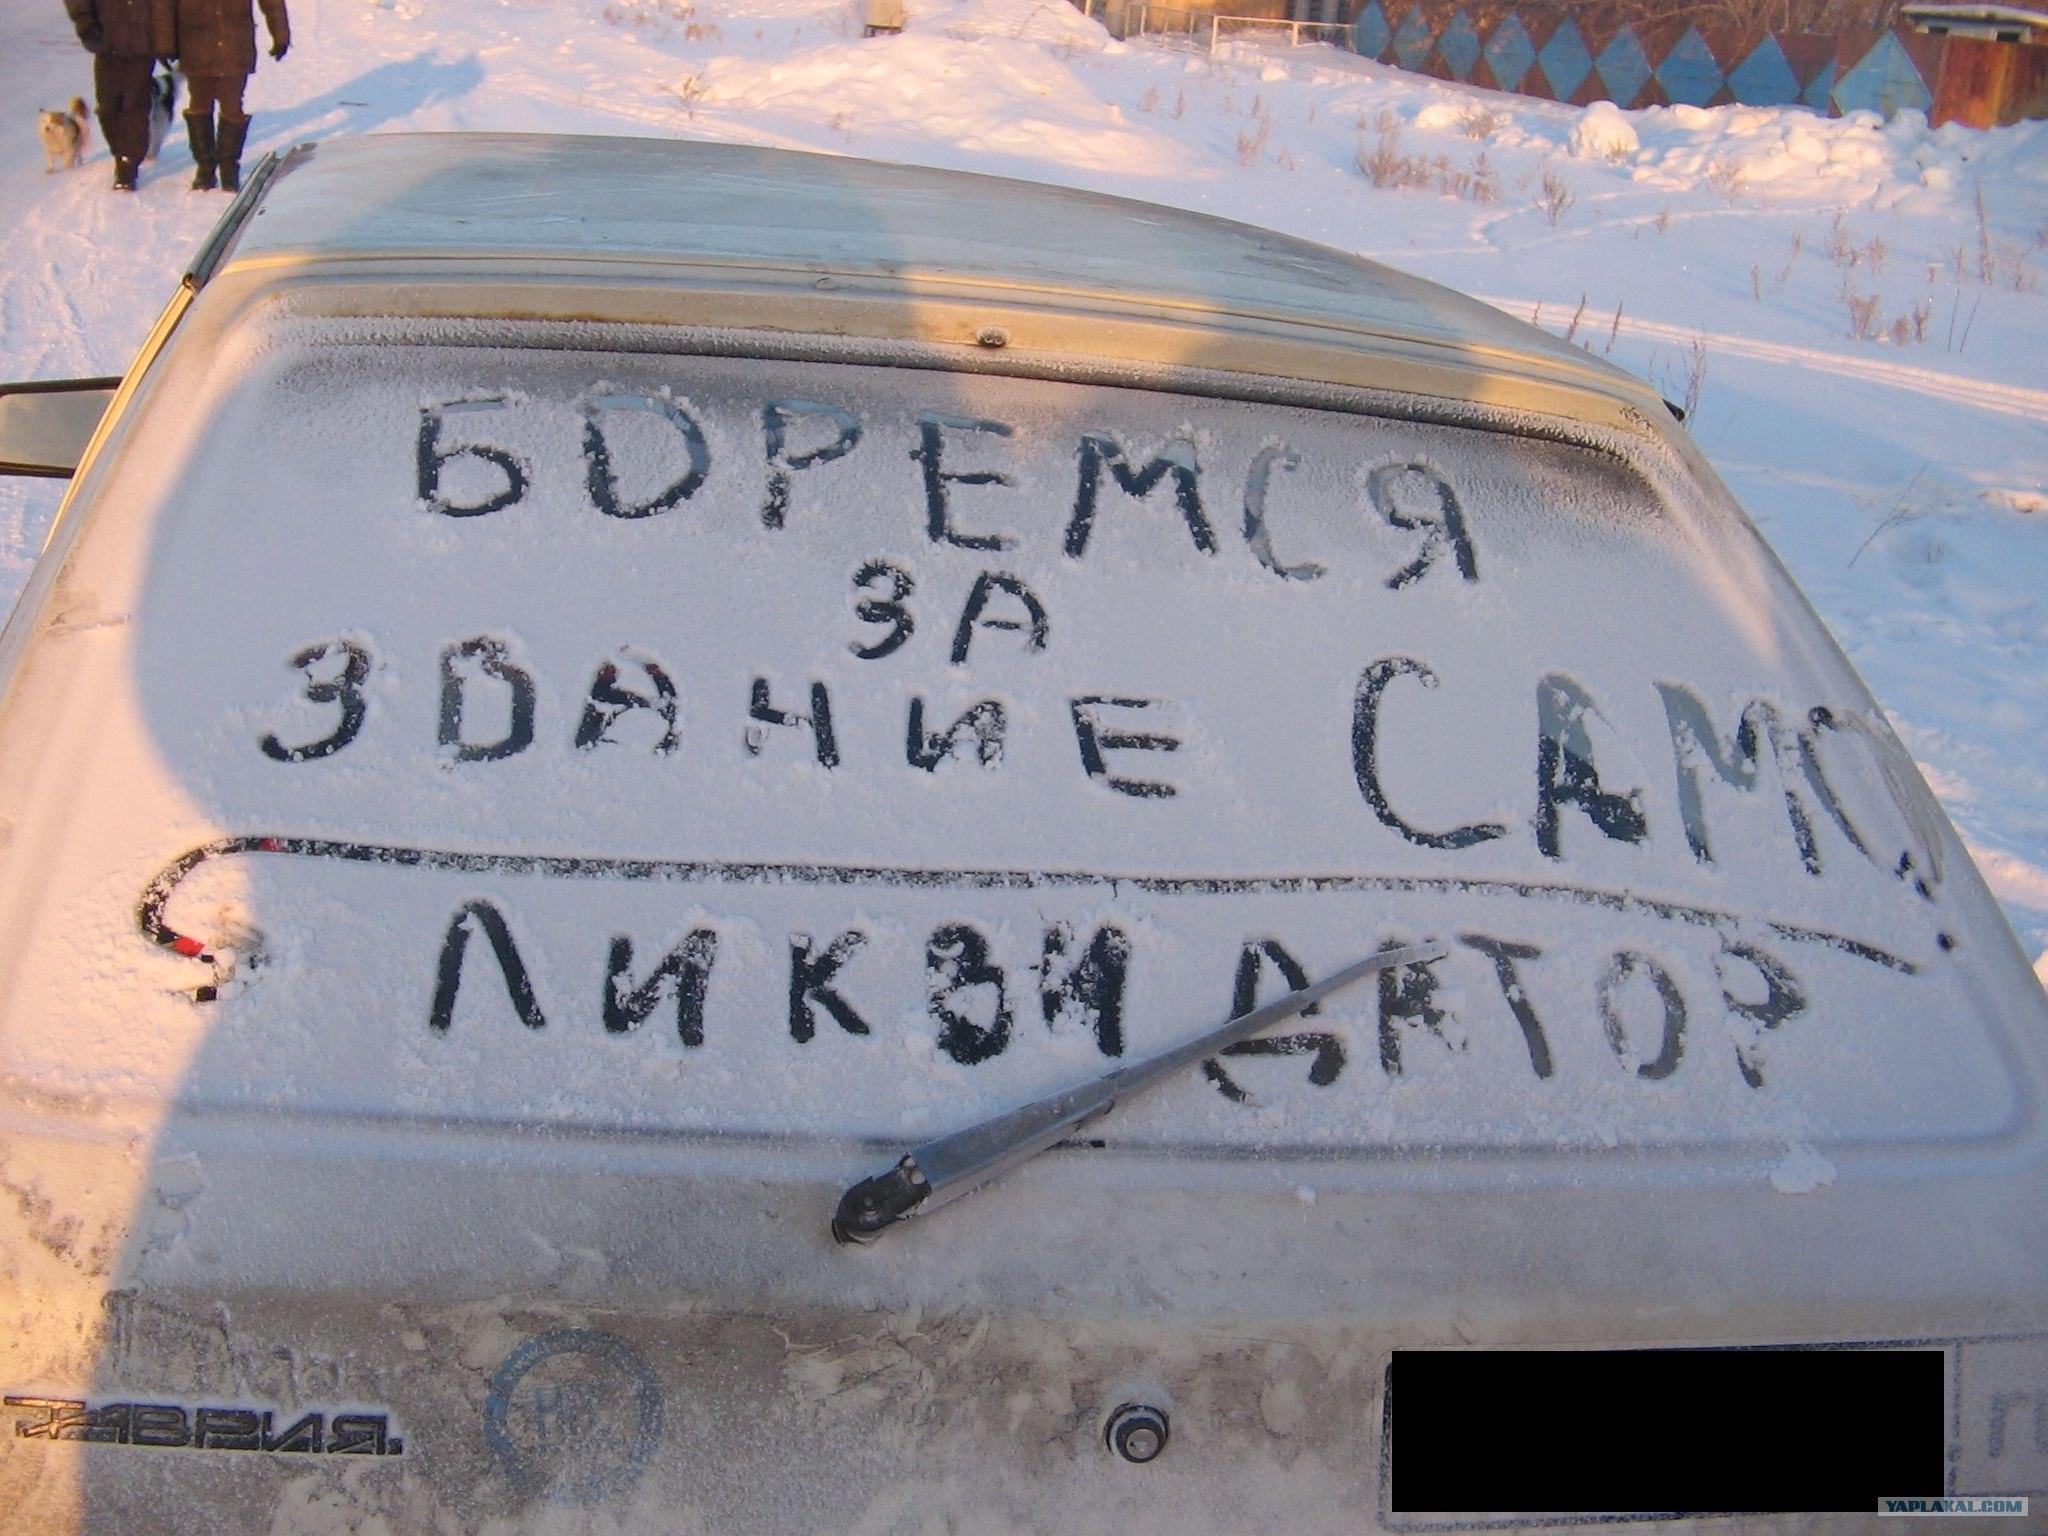 Прикольные надписи на машинах 11 фотография